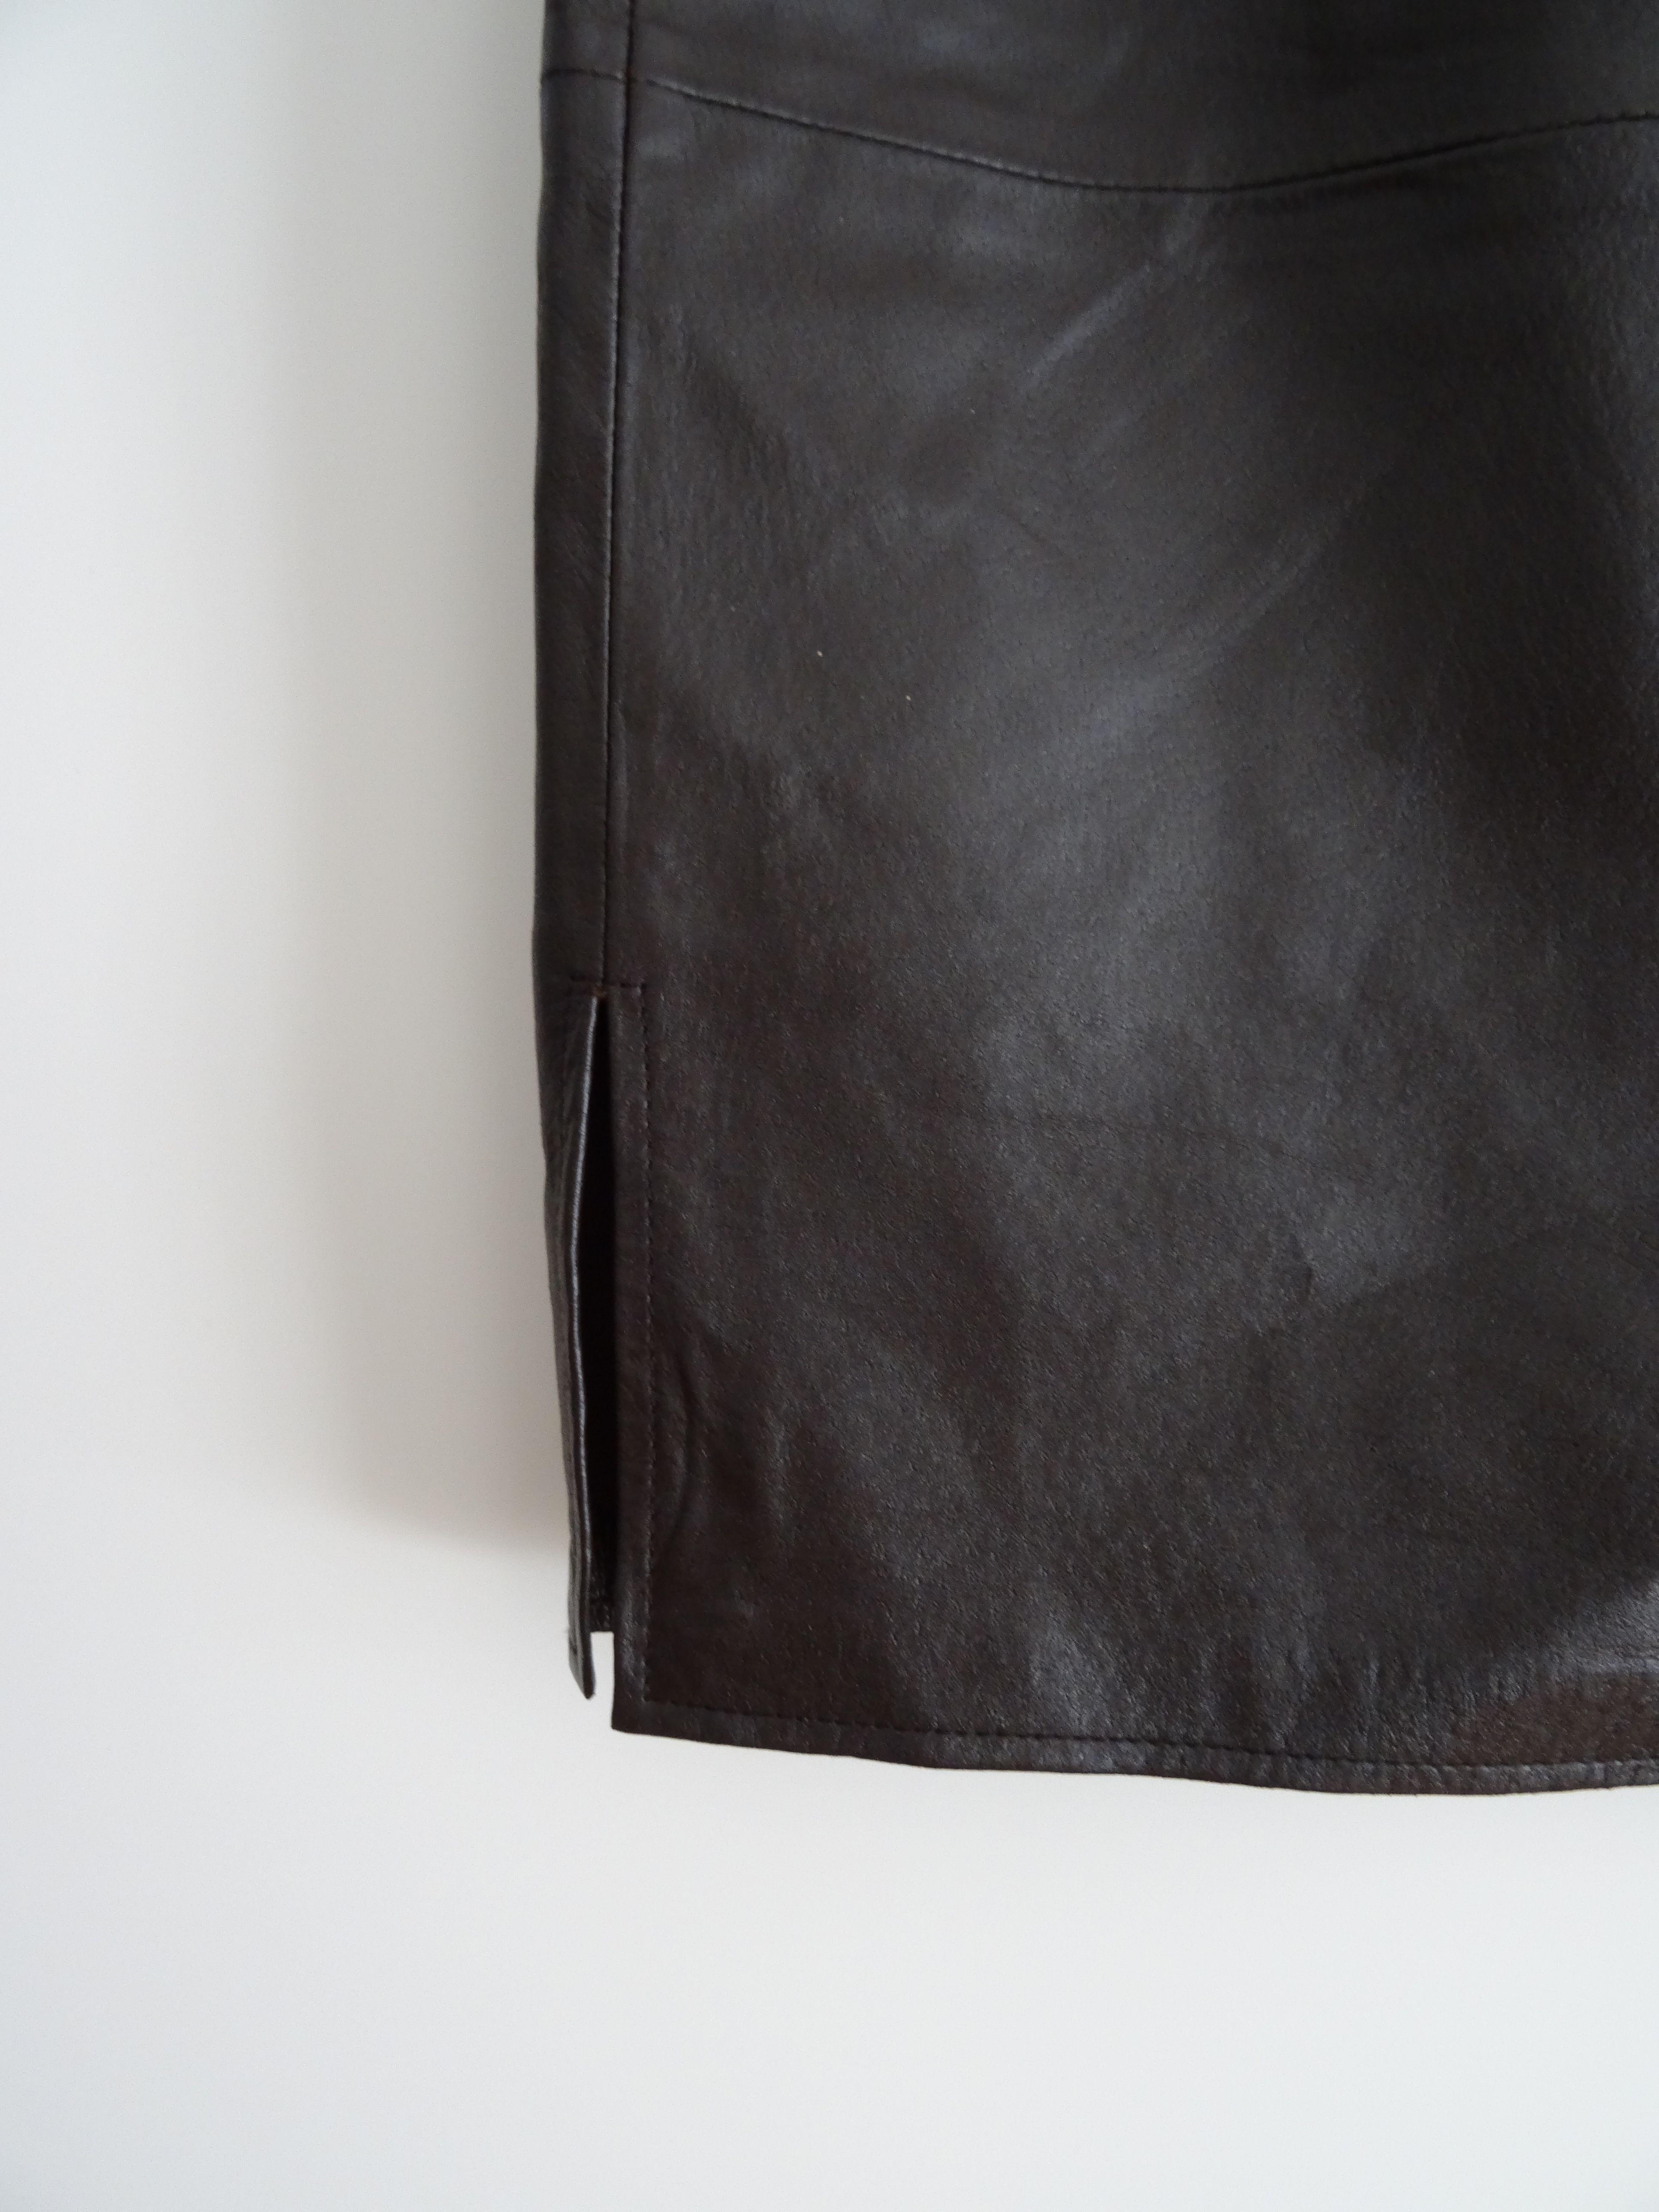 Jupes - Jupe en cuir marron